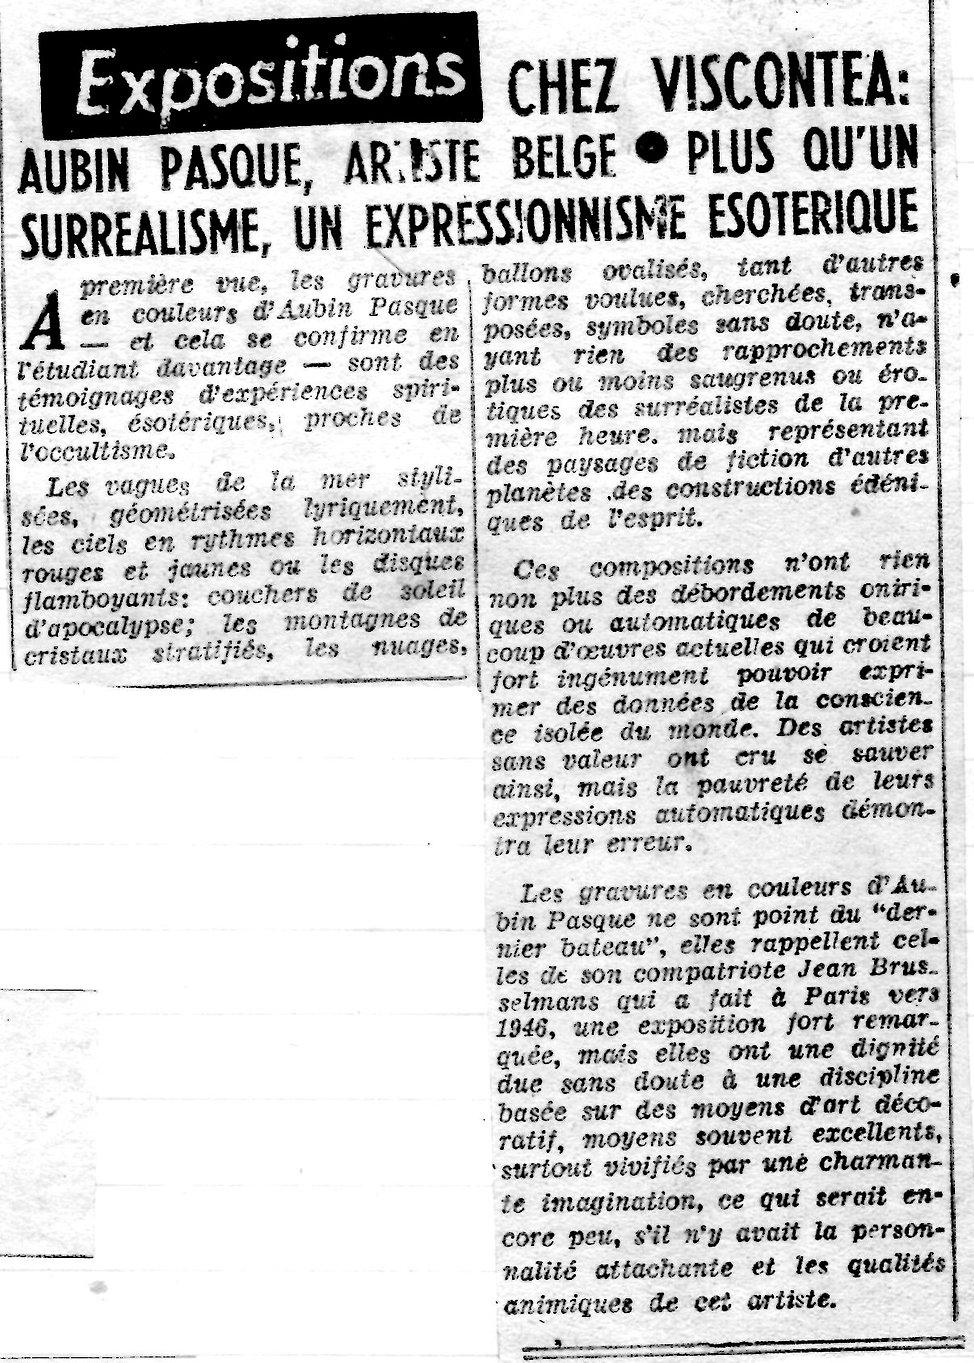 Le Quotidien2 - Chez Viscontea - Aubin P